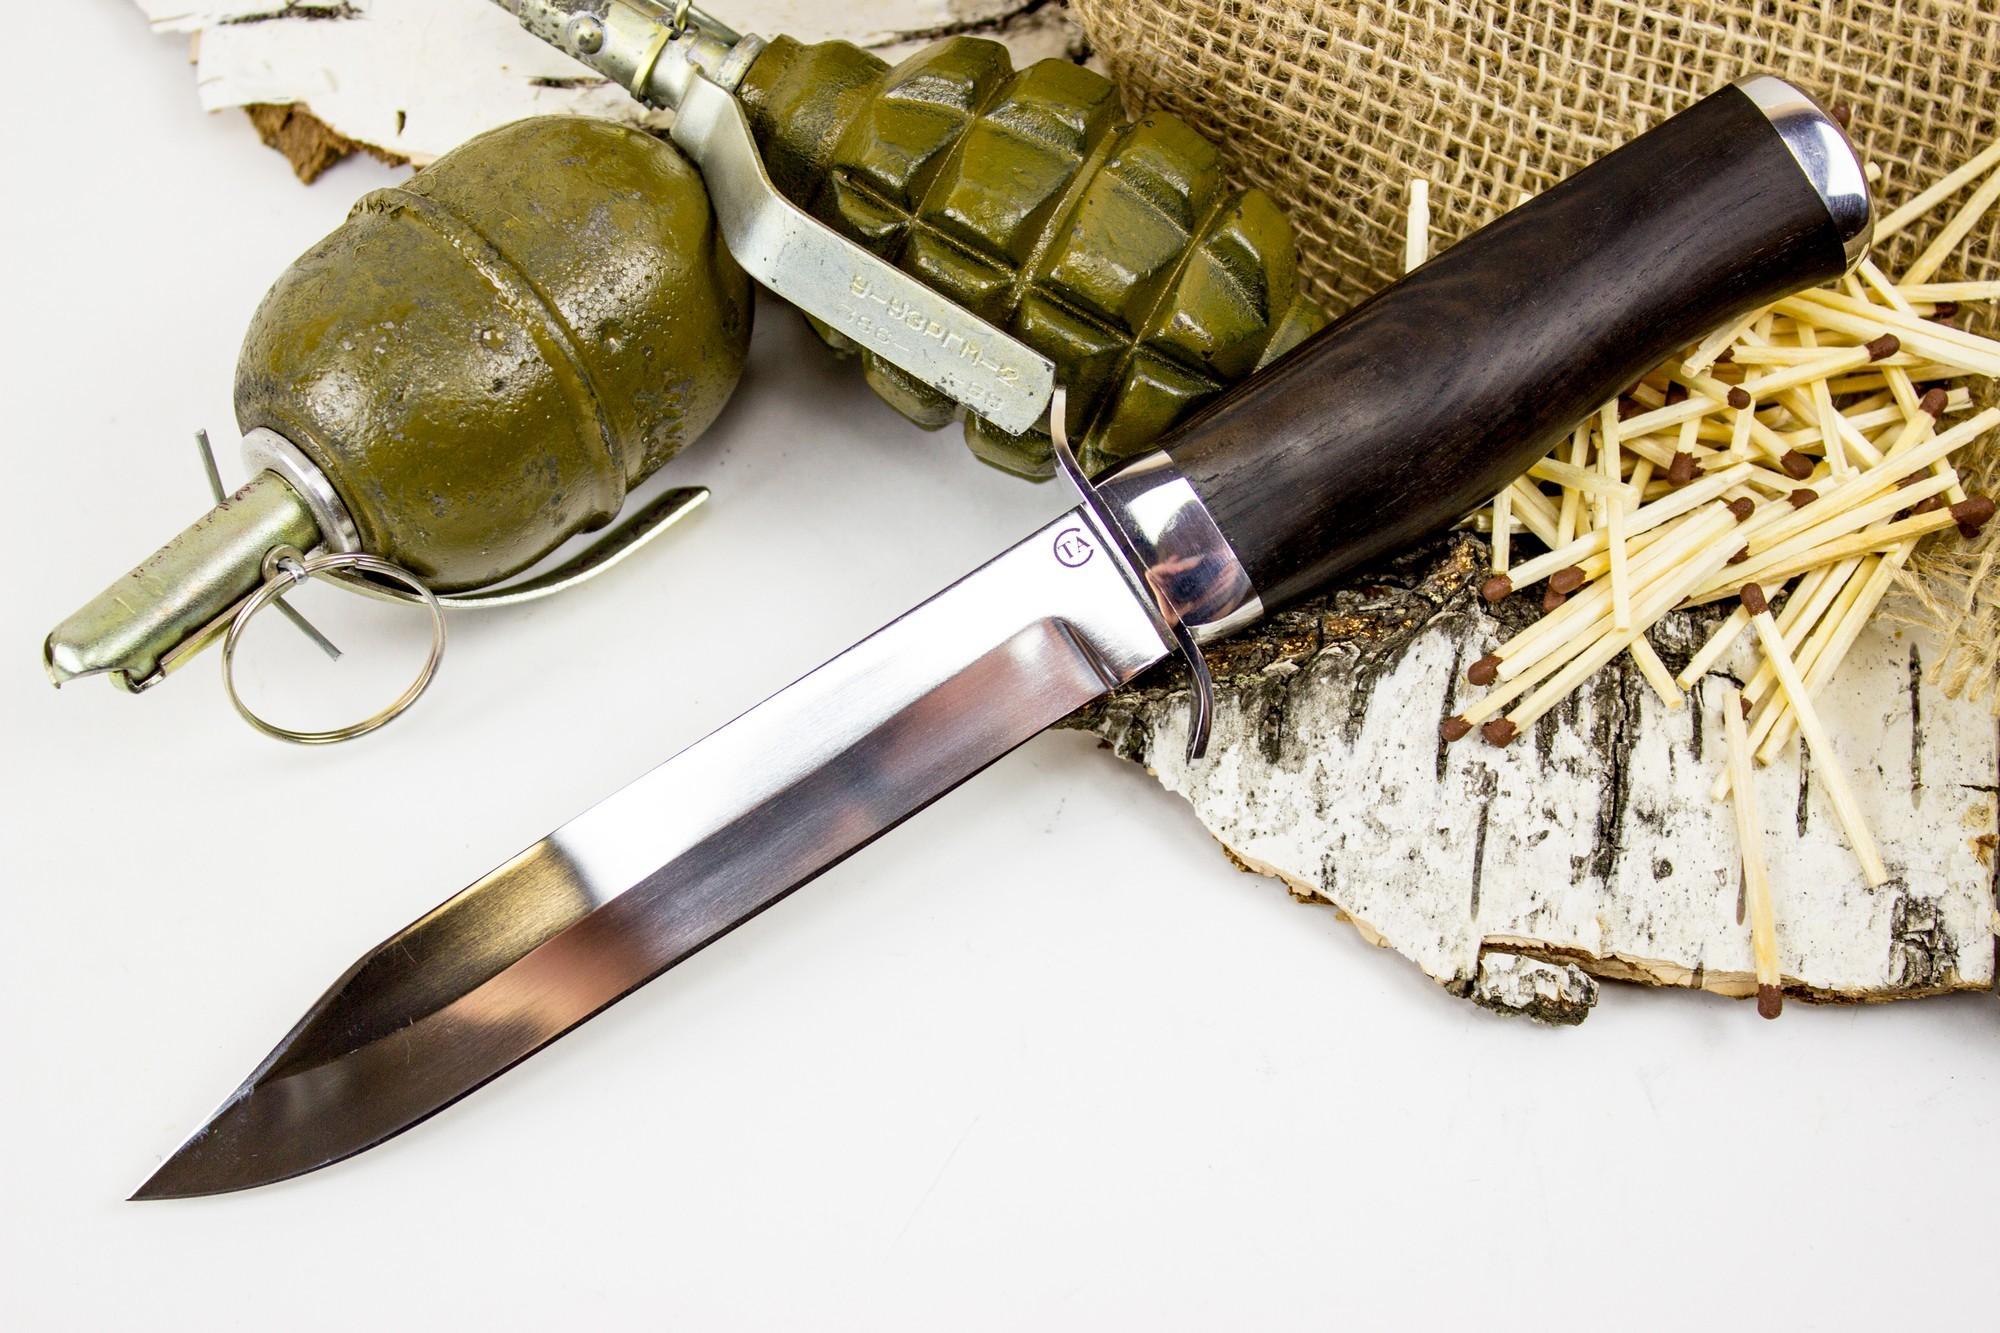 Нож Спецназ Вишня, сталь 95х18, грабНожи разведчика НР, Финки НКВД<br>Нож Спецназ Вишня выполнен по мотивам легендарного ножа военного времени НР-43. Среди полезных особенностей стоит отметить безопасное и уверенное удержание ножа в процессе выполнения работы. Это достигается за счет гарды, а также за счет утолщения рукояти в области указательного и среднего пальца. Такой нож удобно использовать на рыбалке или охоте. Если вы часто ездите на пикники, то и там ножу найдется работа. К тому же, имея такой нож, вы всегда будете в центре внимания, как знаток и ценитель ножевой истории нашей страны. Для удобного хранения и ношения, нож комплектуется кожаными ножнами с петлей для подвеса.<br>